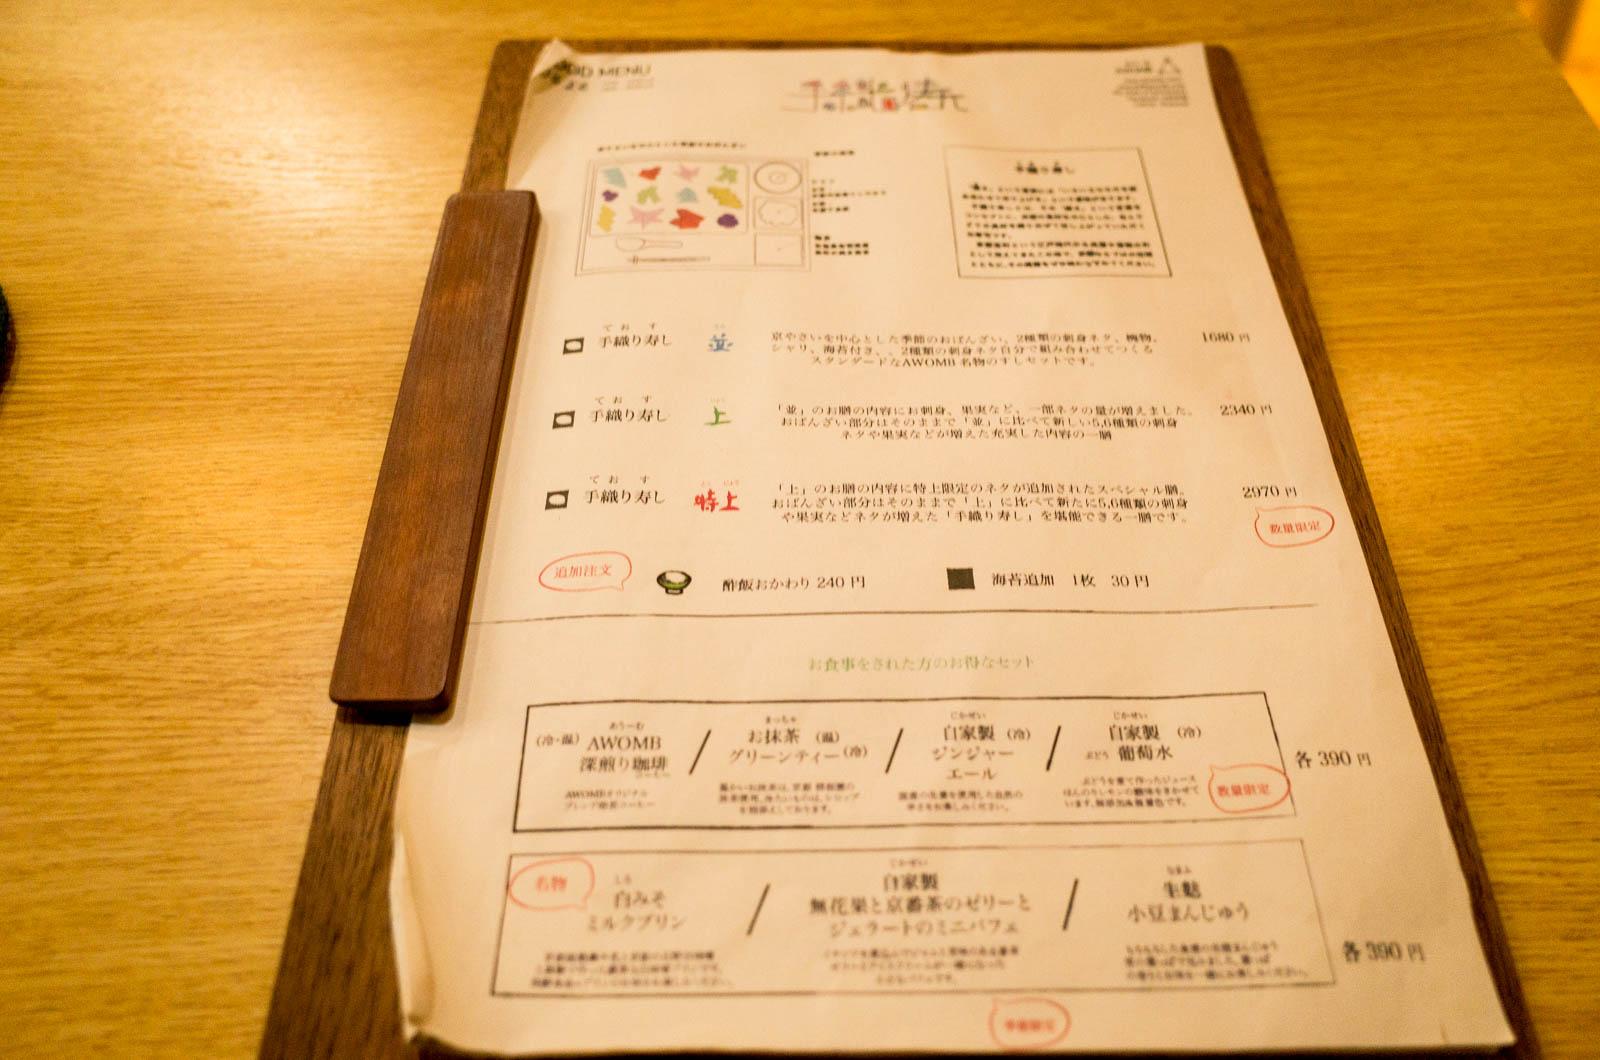 京都・新感覚の手織り寿司「AWOMB(あうーむ)」に行ってきた。